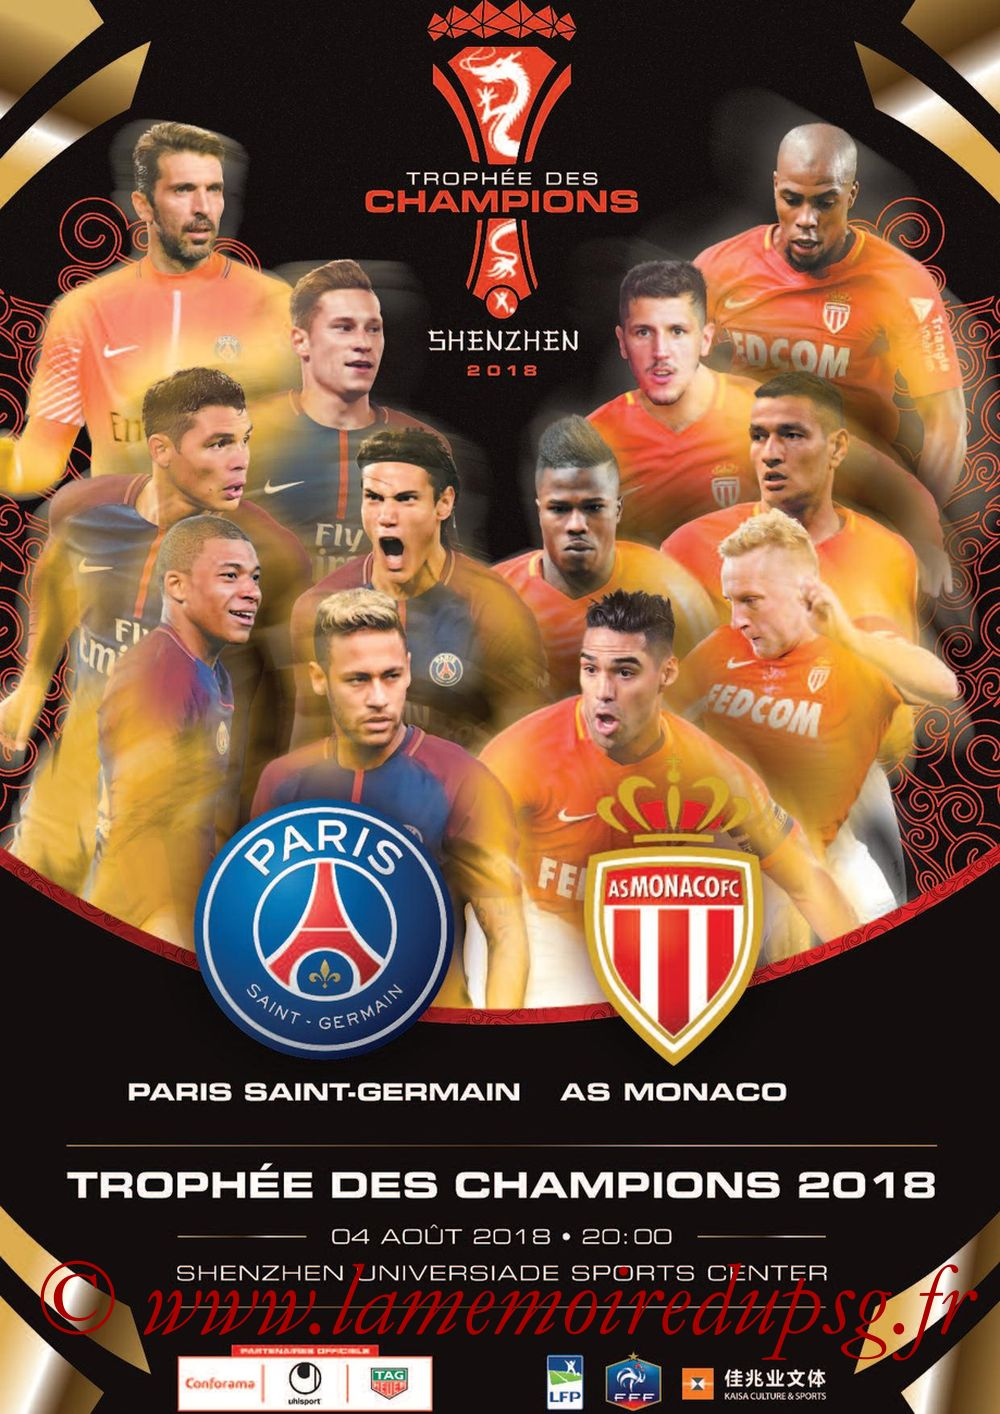 2018-08-04  PSG-Monaco (Trophée des Champions à Shenzhen, Dossier de Presse)